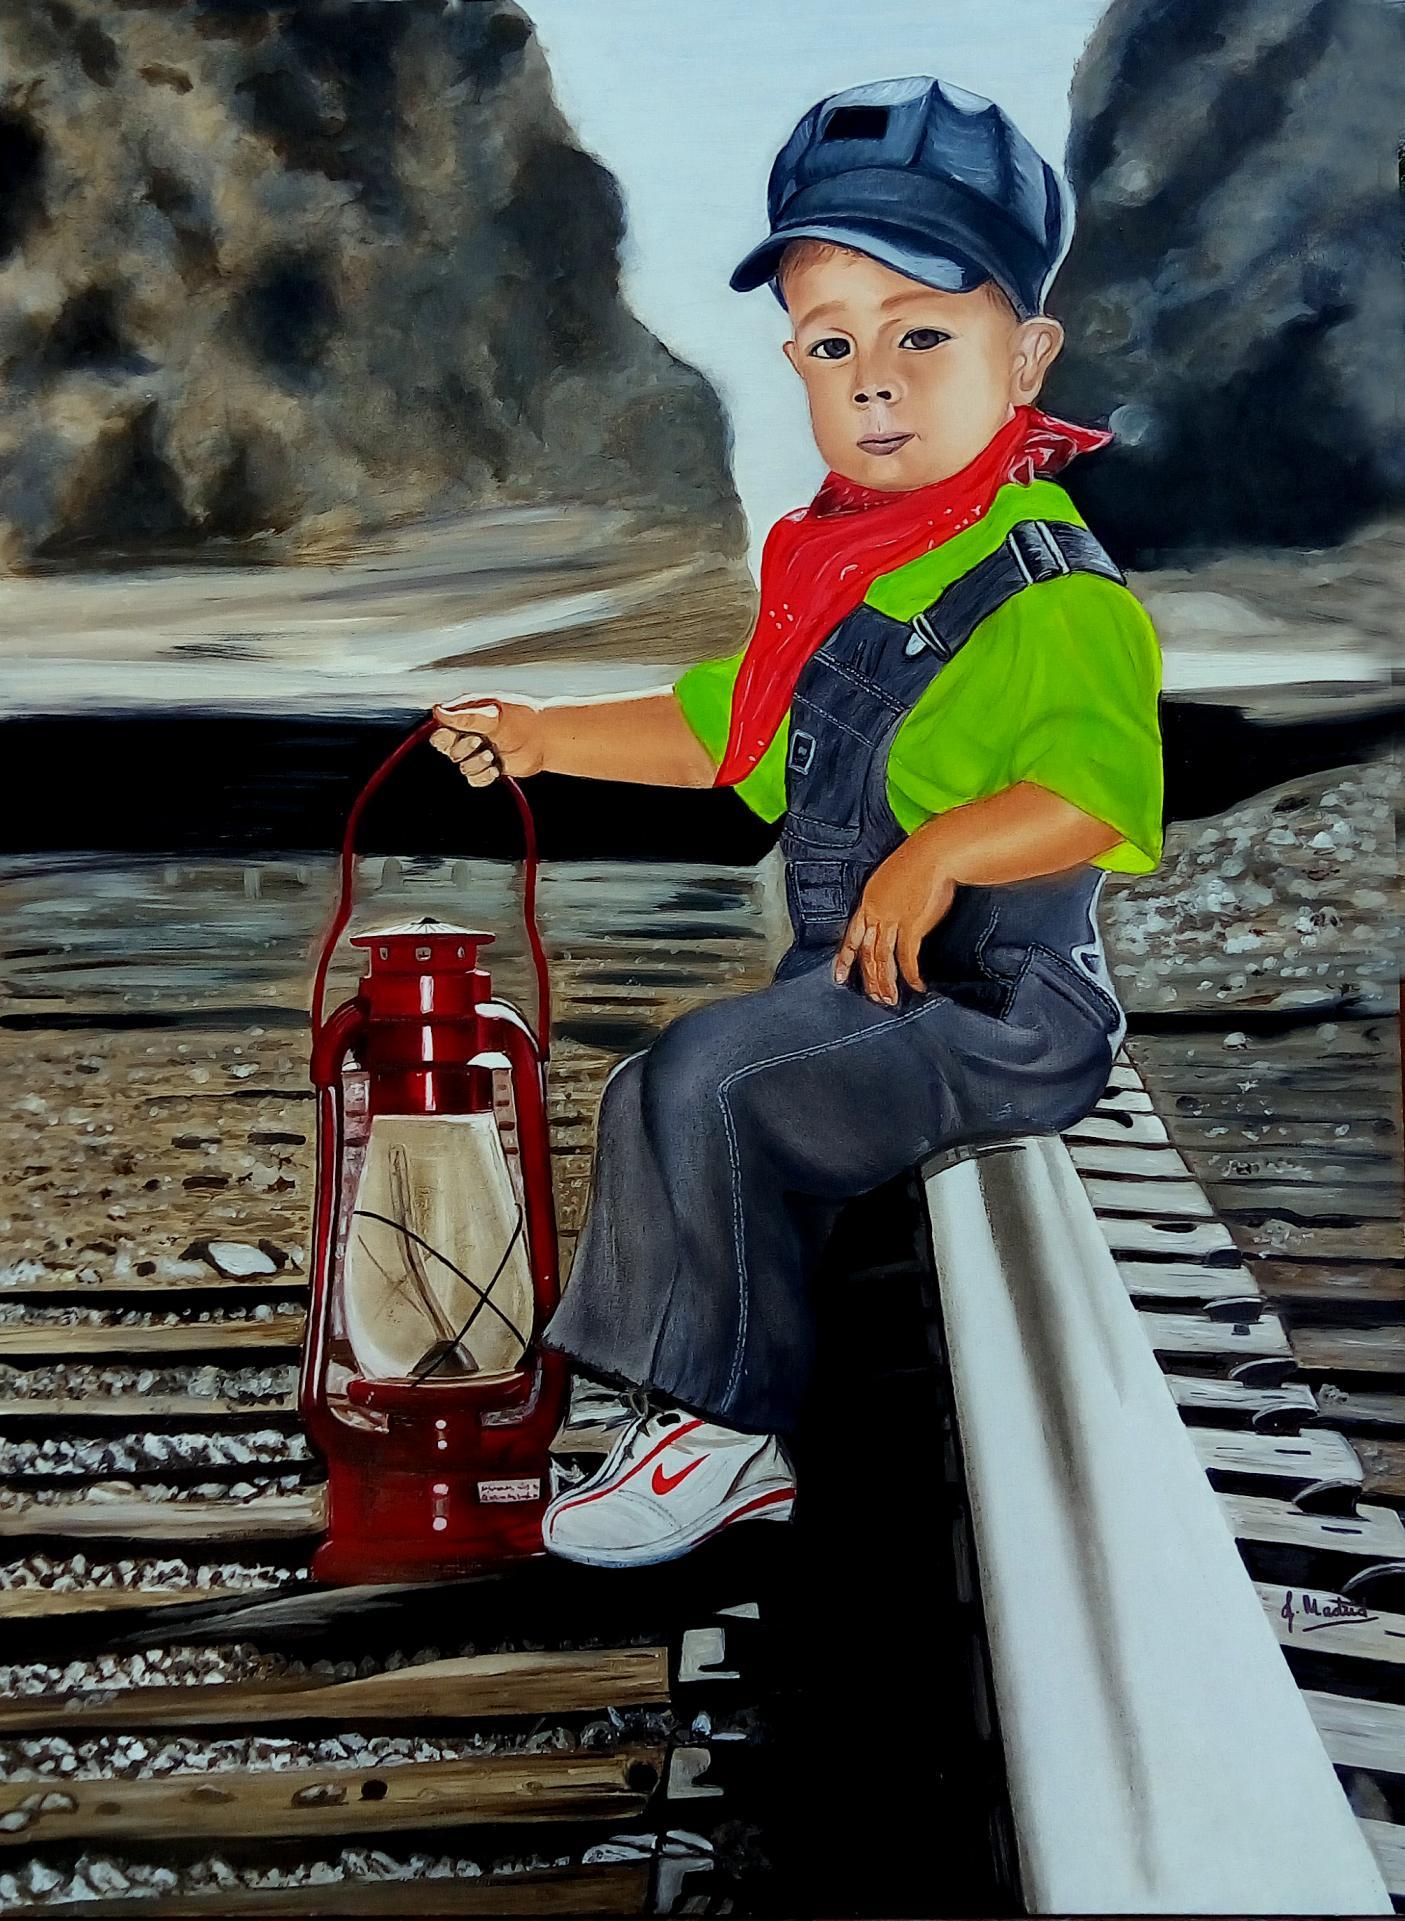 El jóven ferroviario (2016) - José María Madrid Sanz